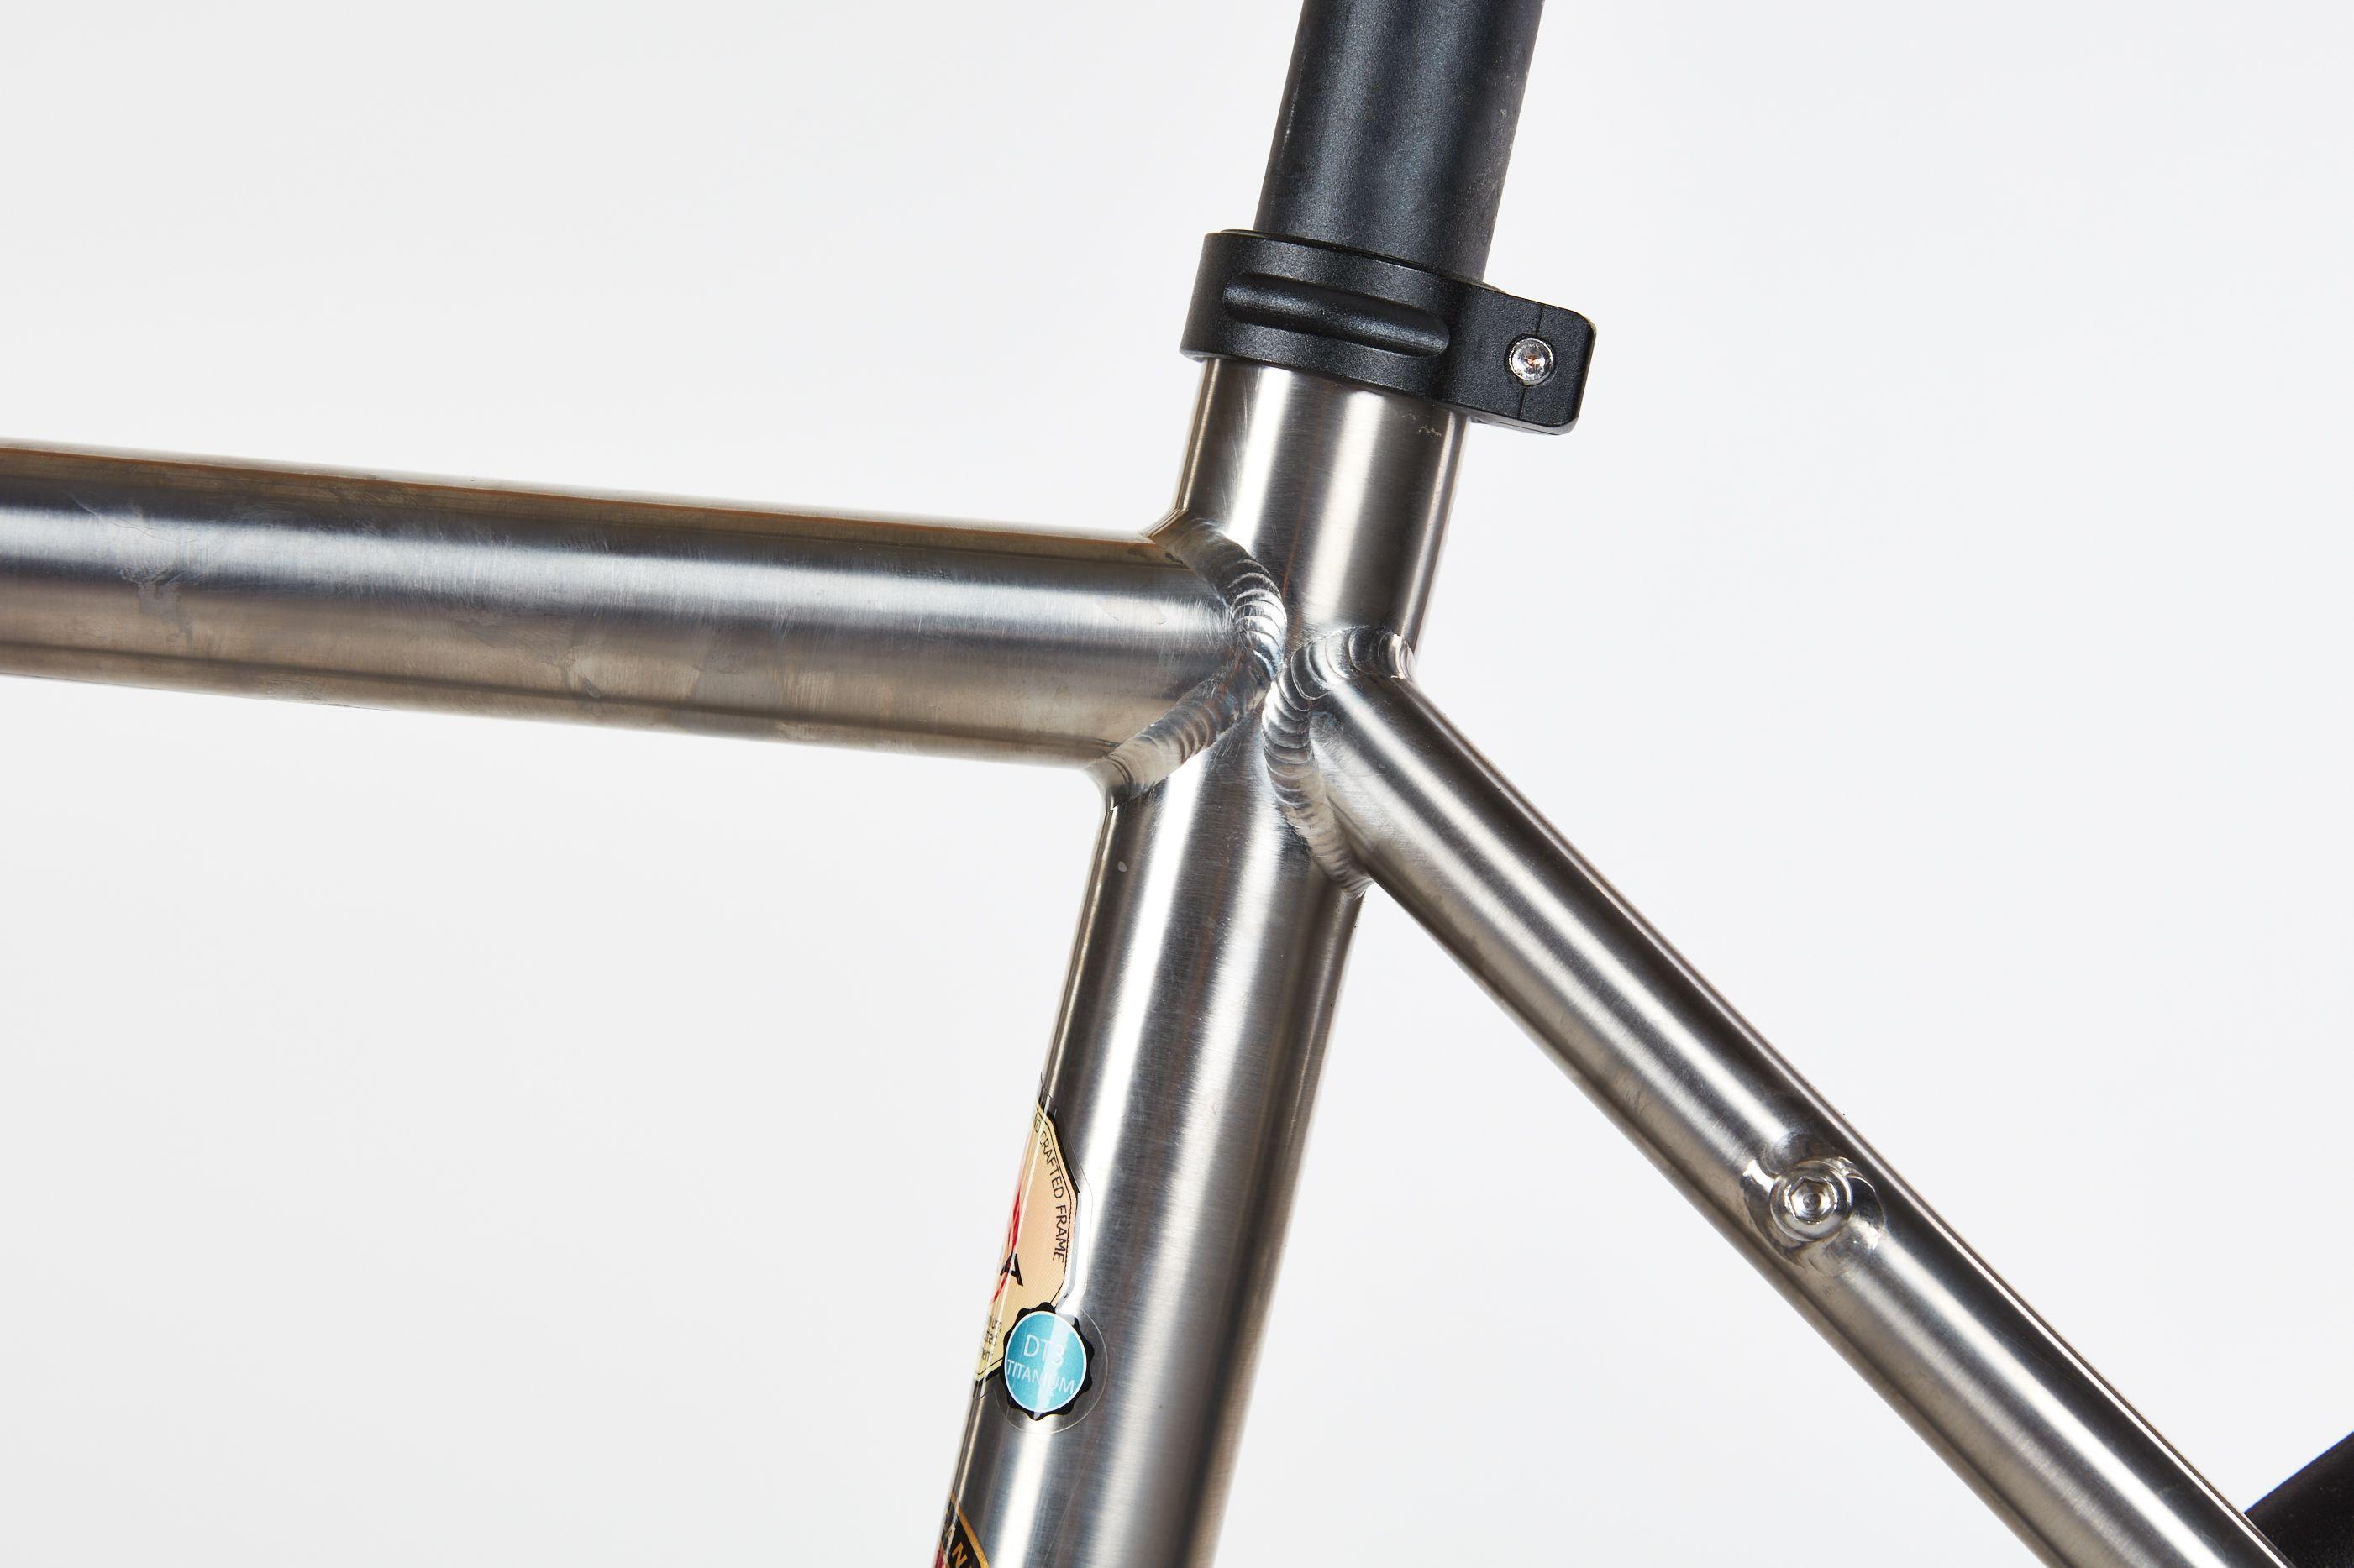 Bike Frame Materials - How to Choose a Bike Frame